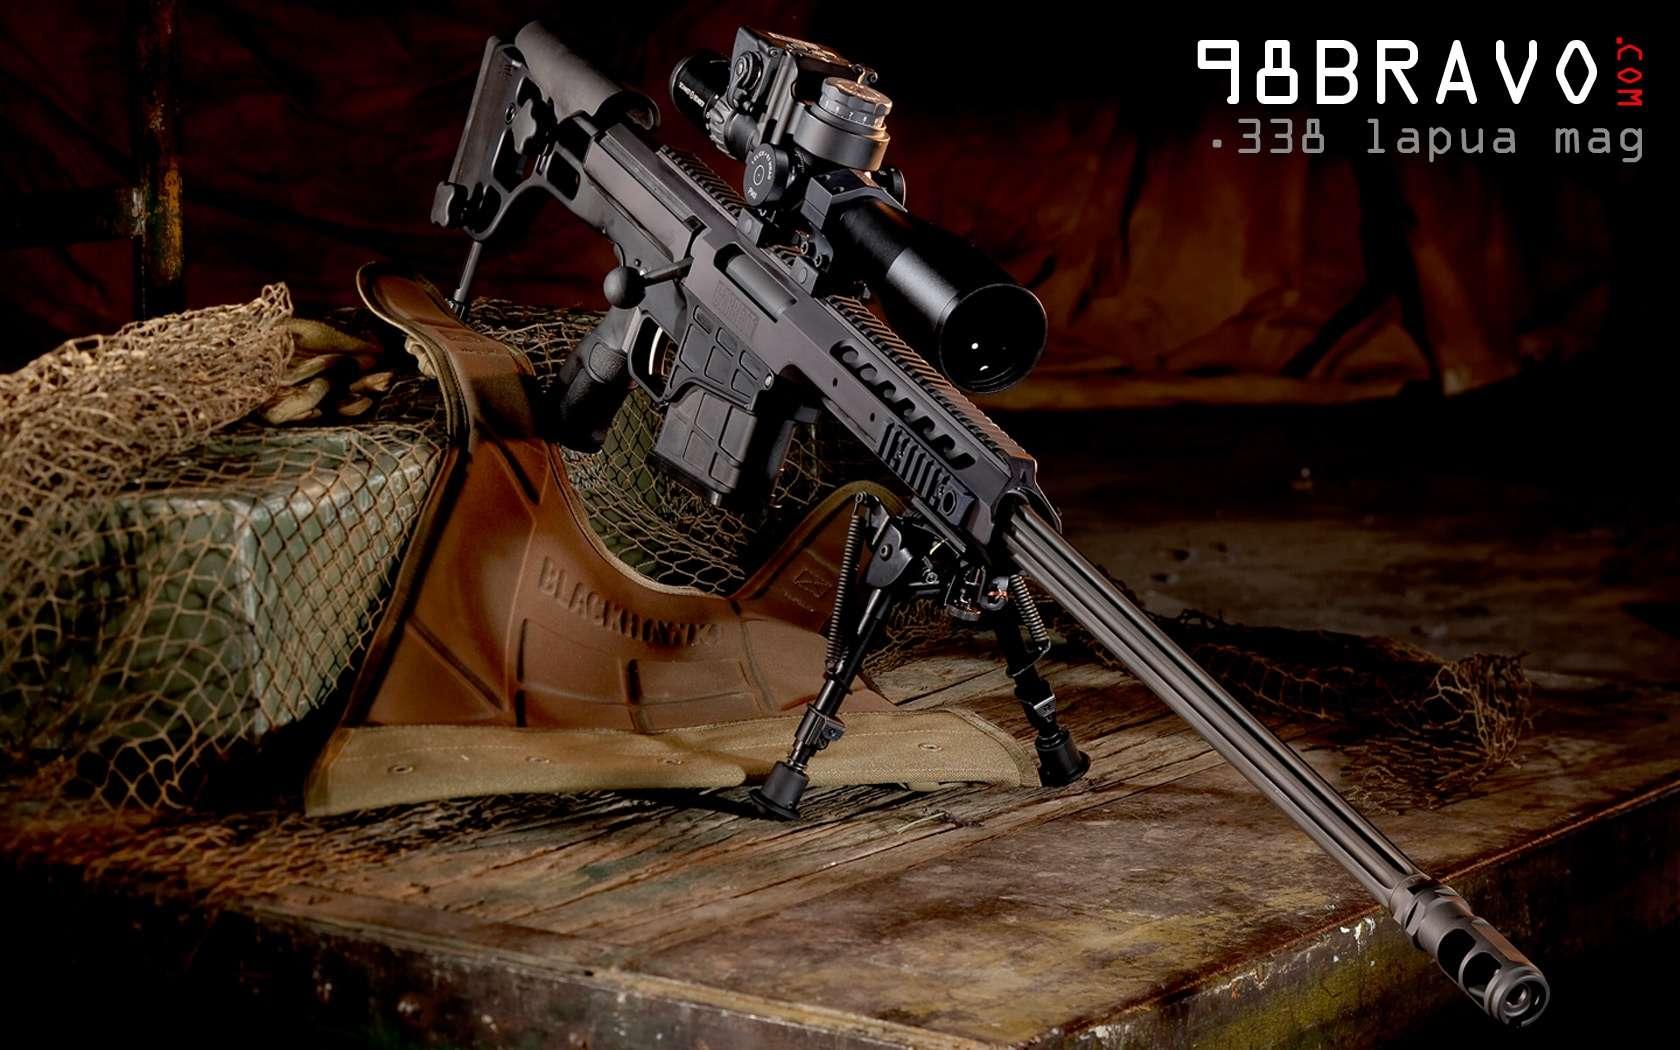 Cool Gun Wallpaper Hd Wallpapers 1680x1050